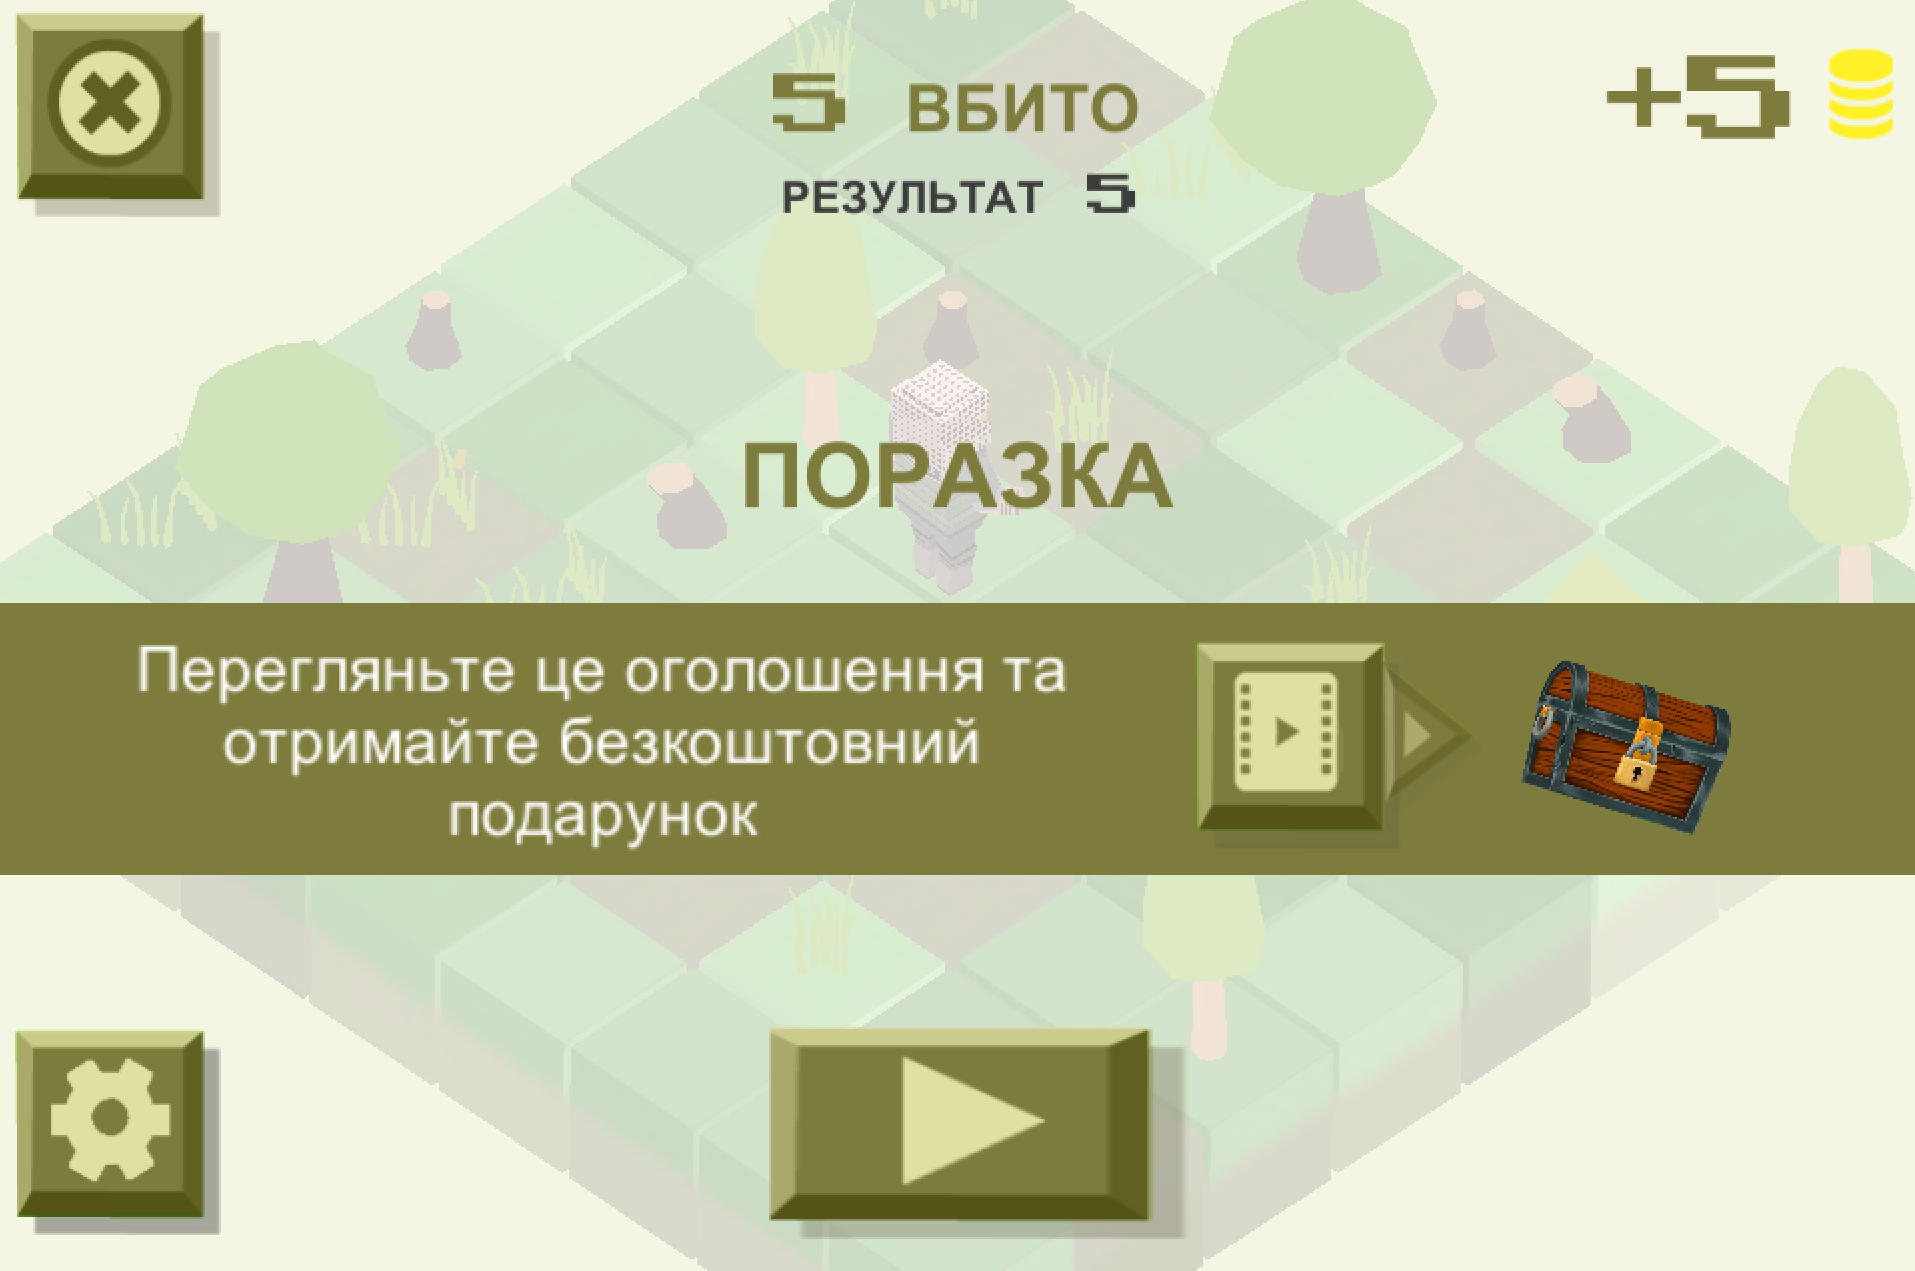 Game over screen in Ukrainian